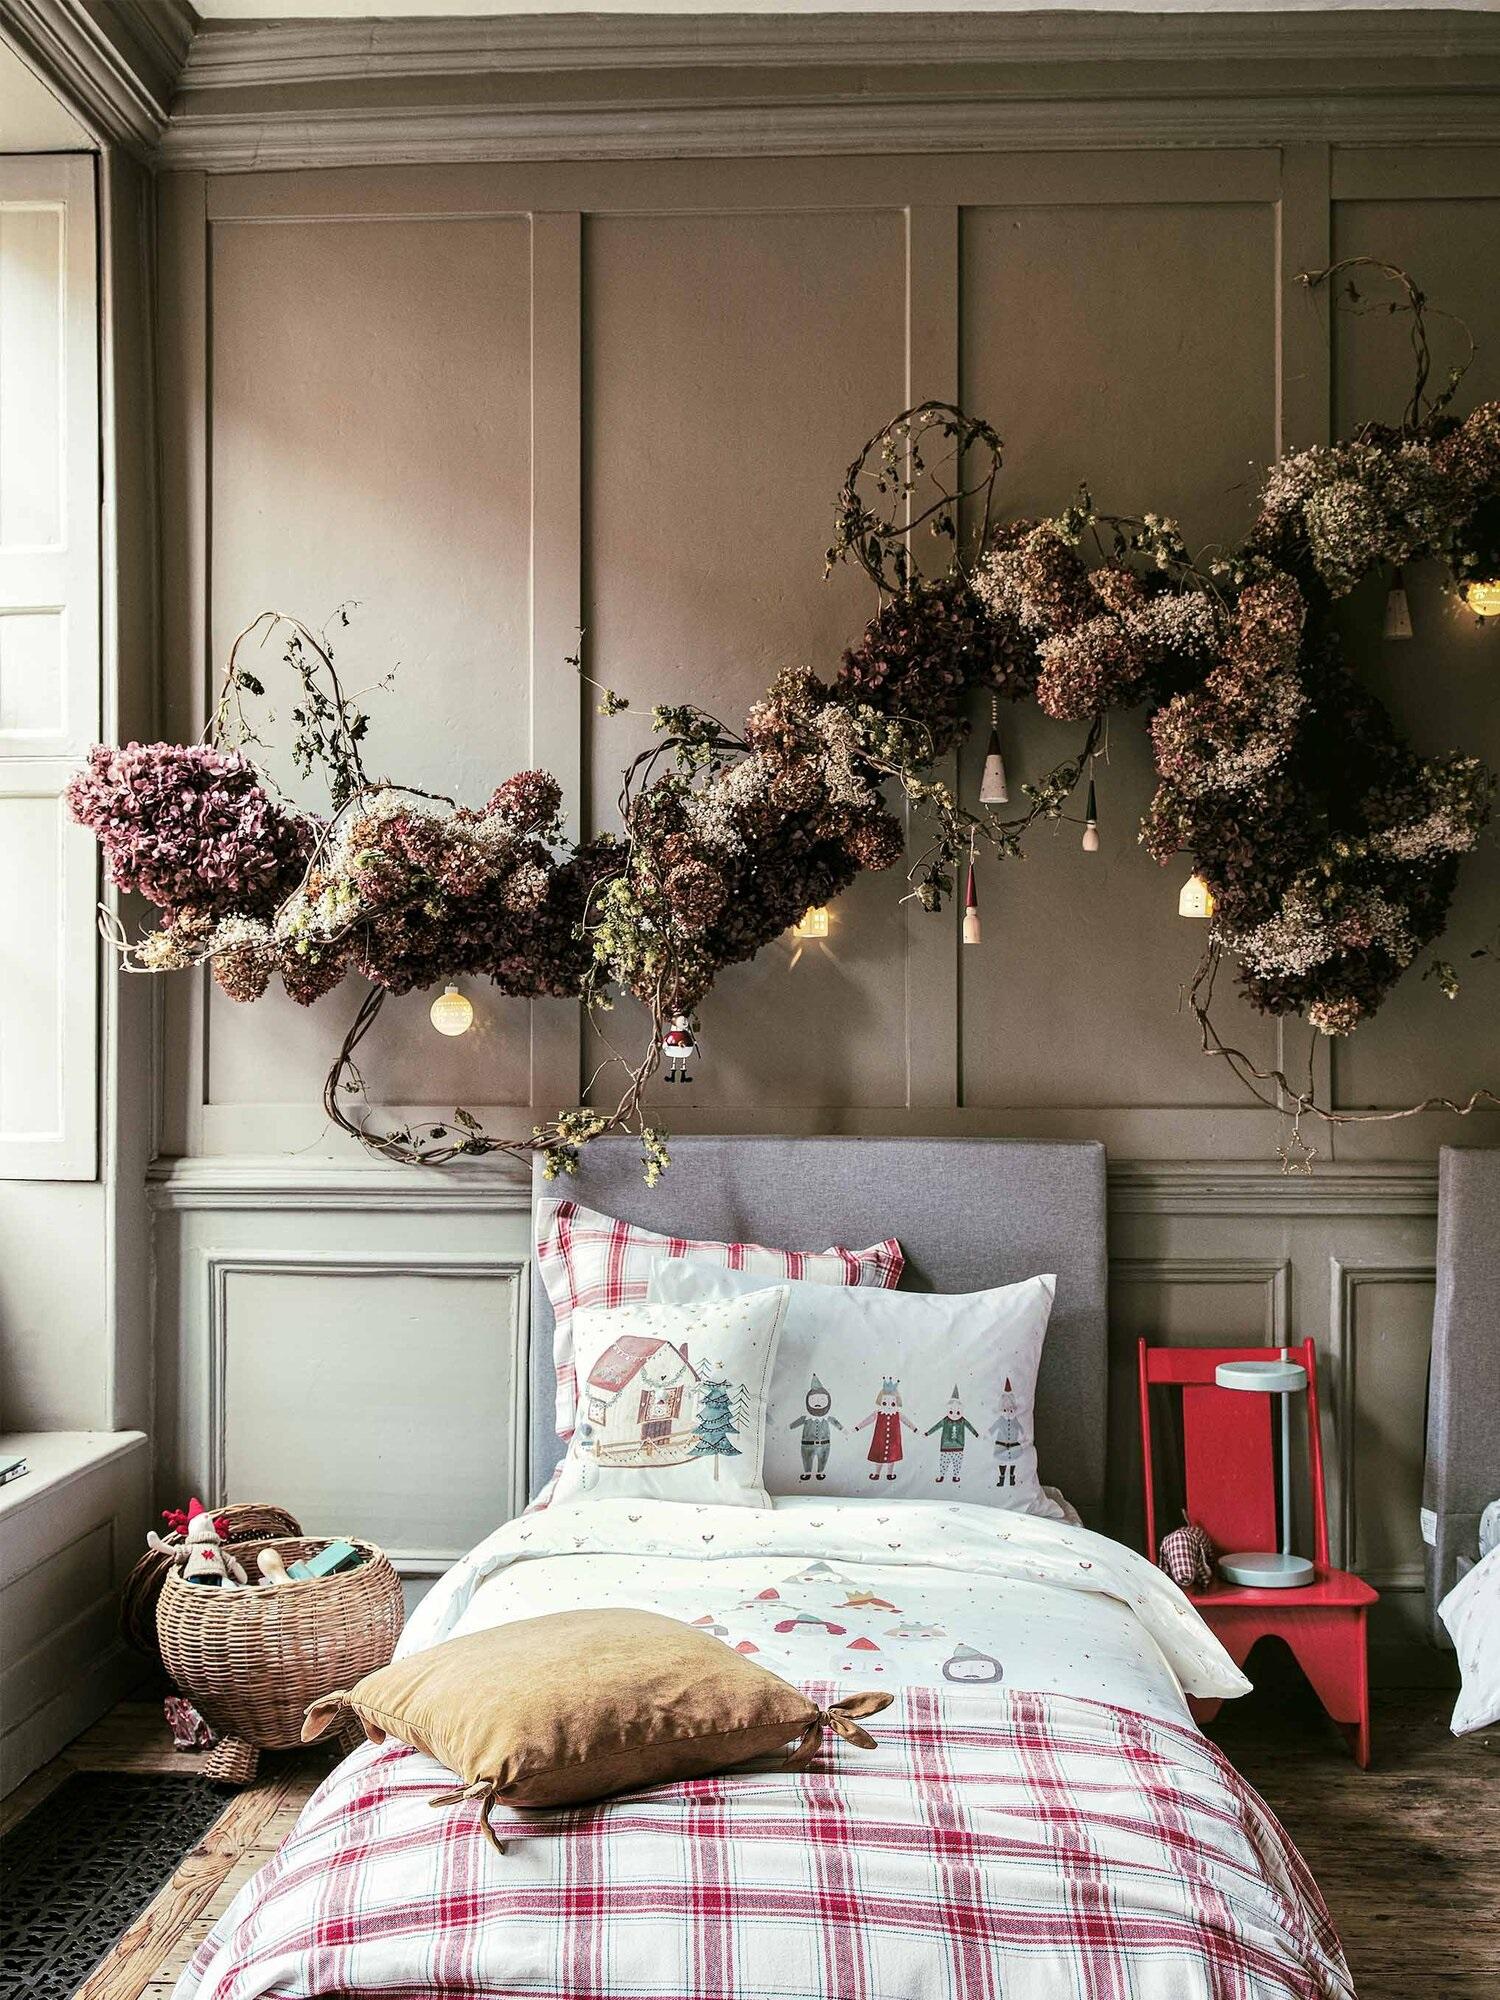 zara_home_christmas_collection17.jpg